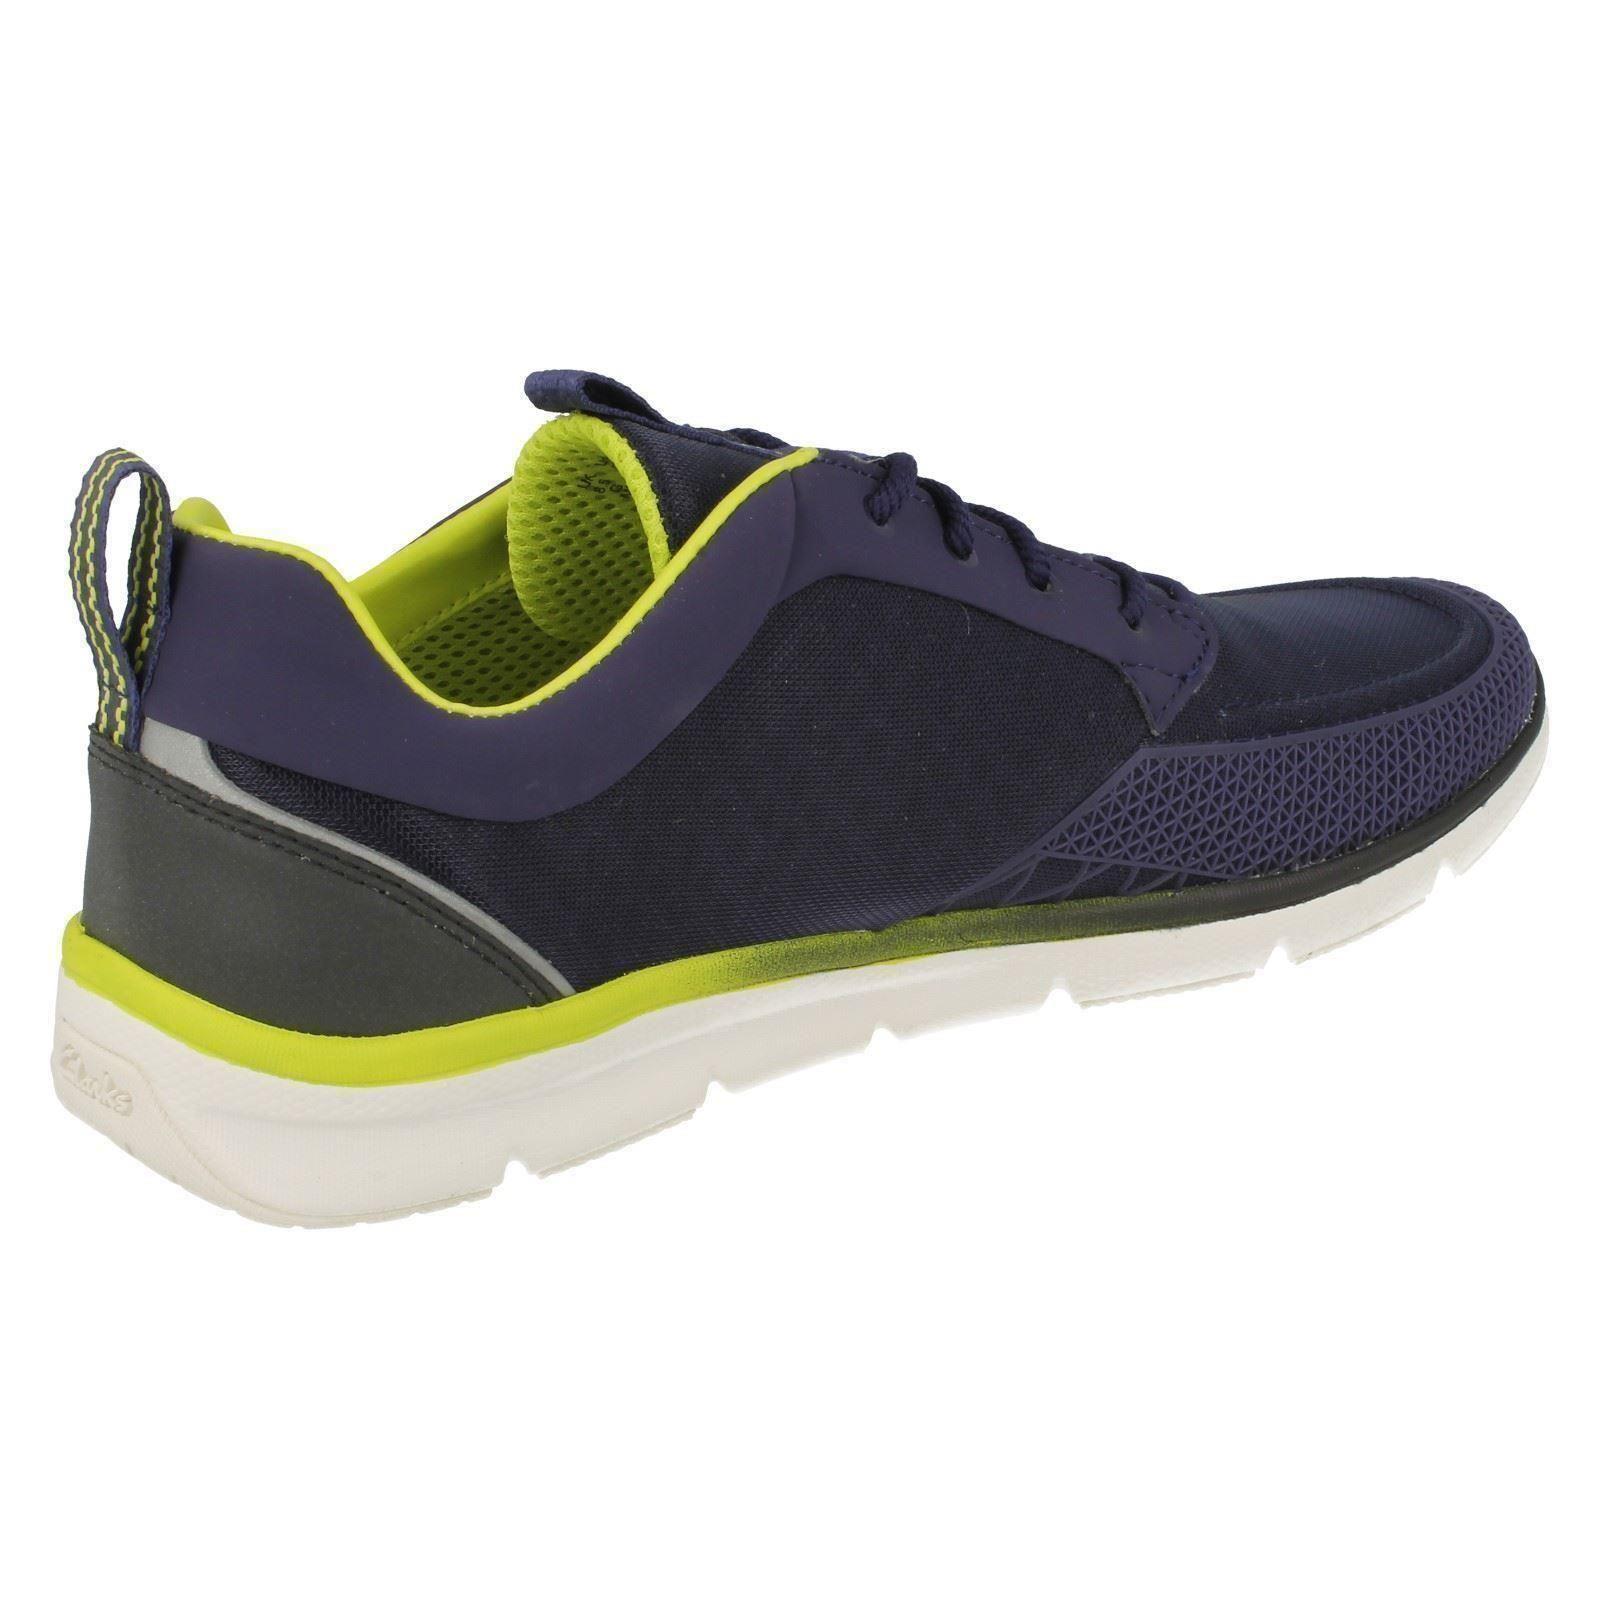 Mens Clarks Orson Lite Sports Shoes